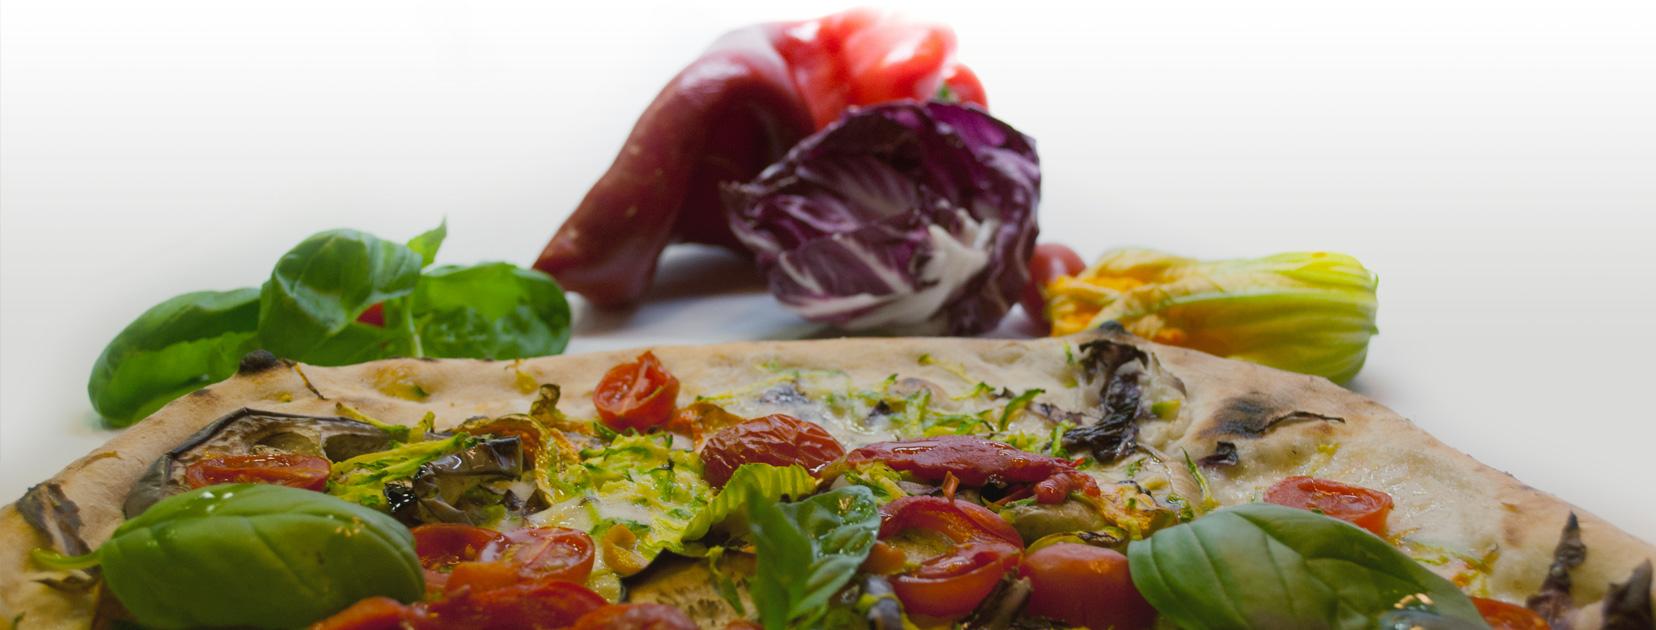 pizza-veg1